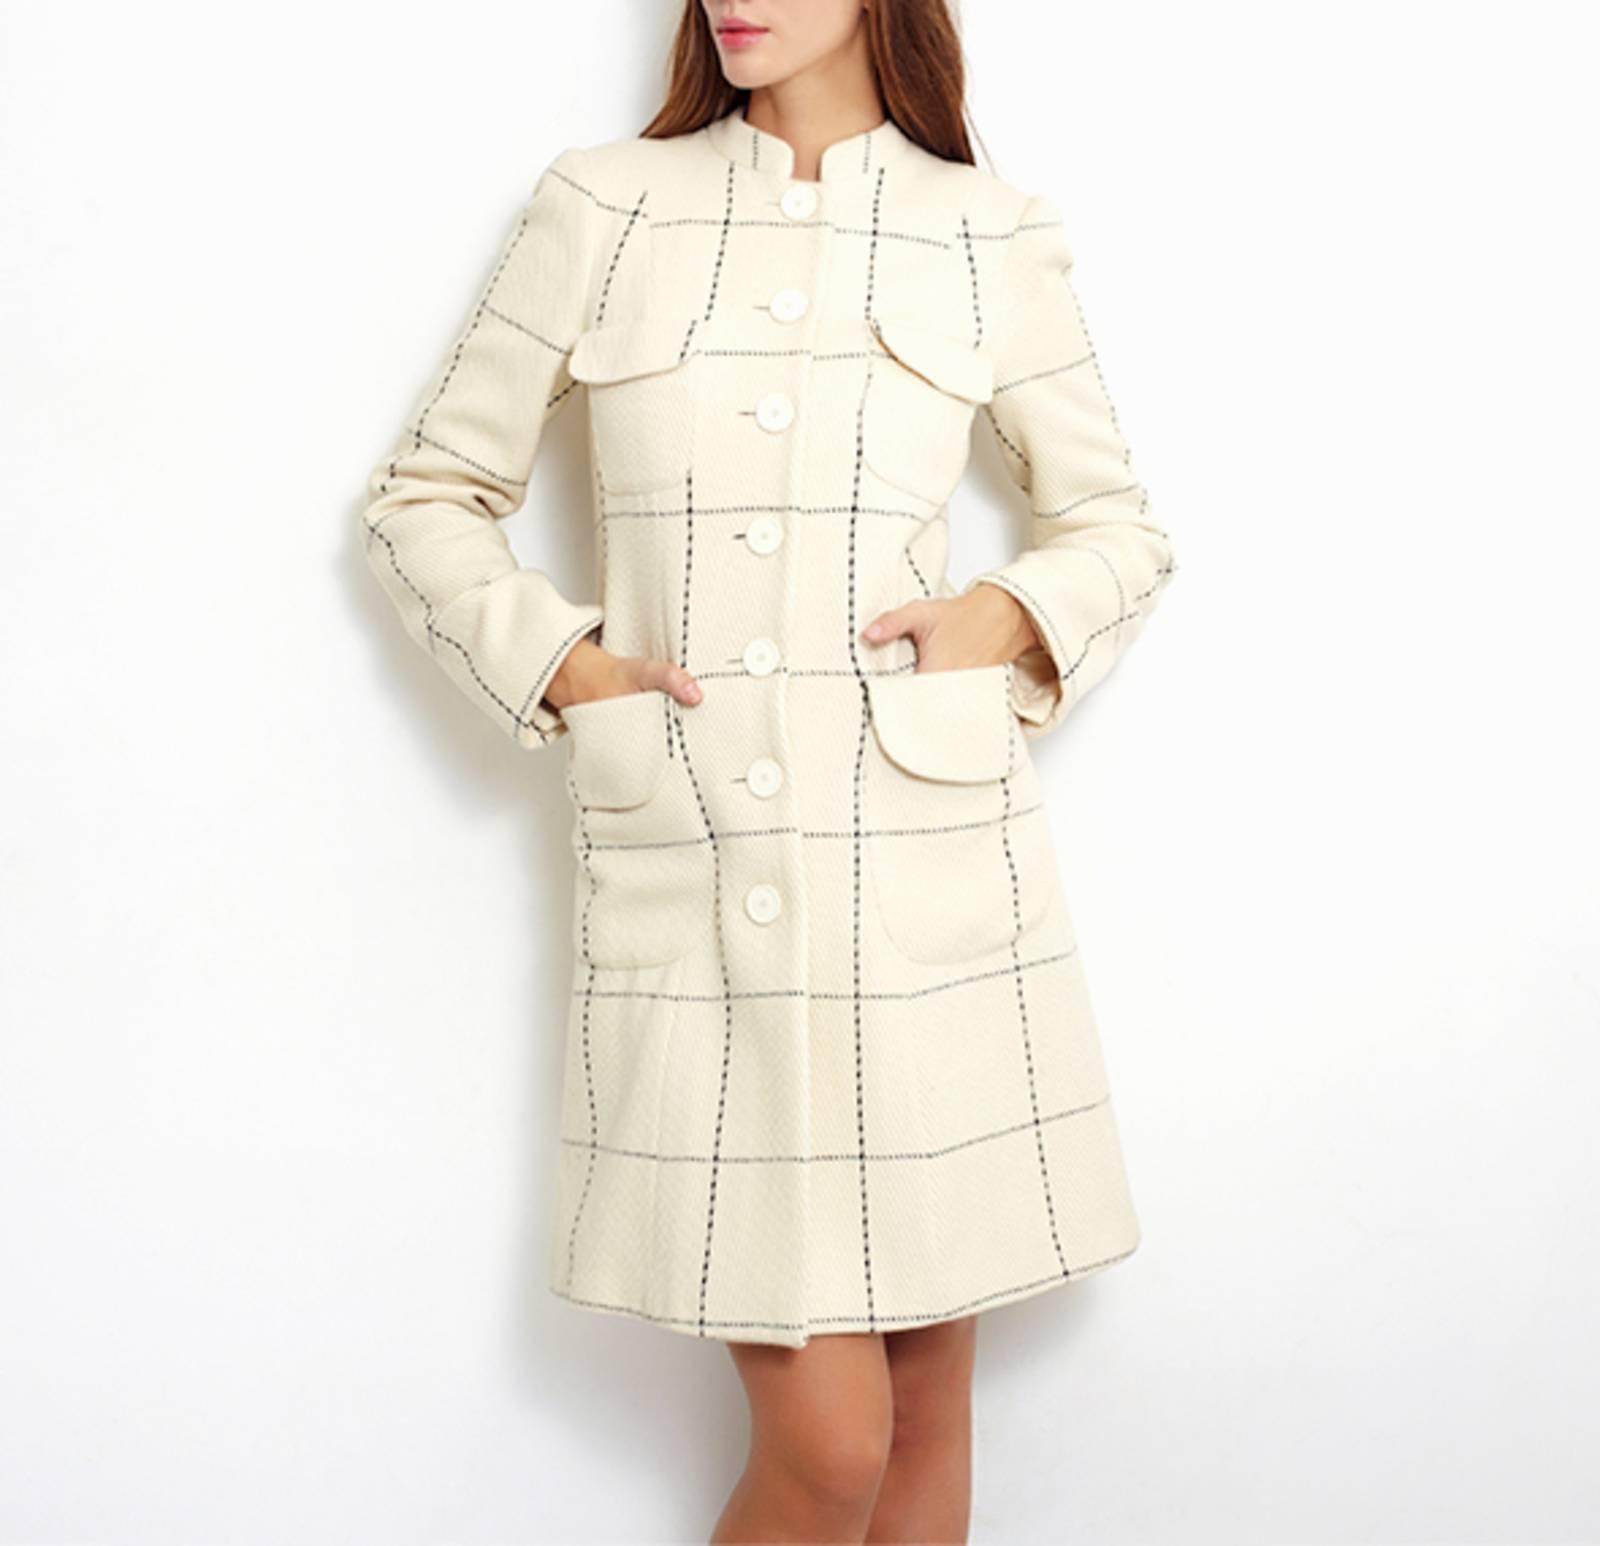 Купить пальто Emporio Armani в Москве с доставкой по цене 9800 ... 2969ae2ebb6